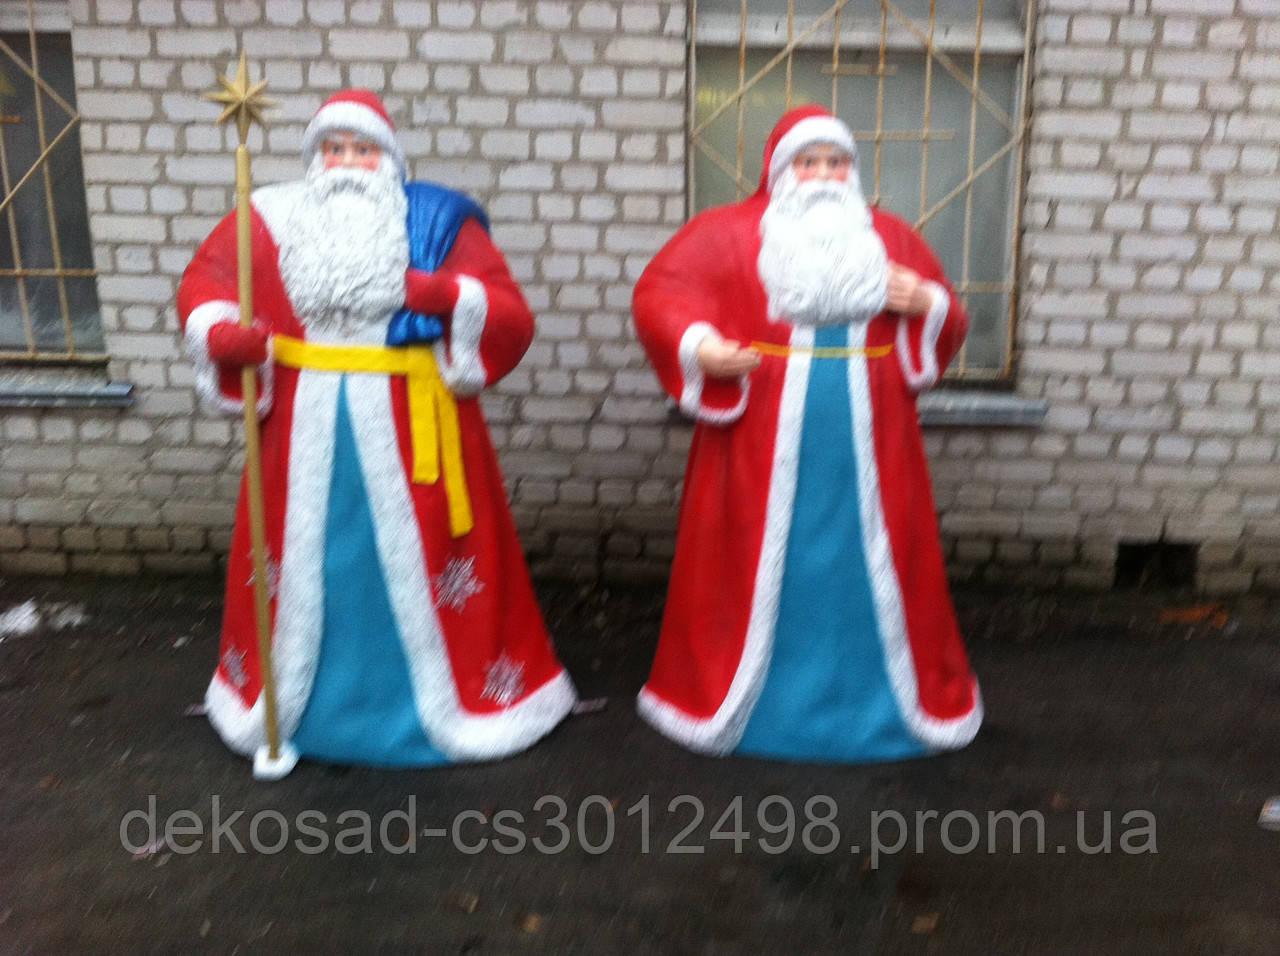 Статуя Дед Мороз